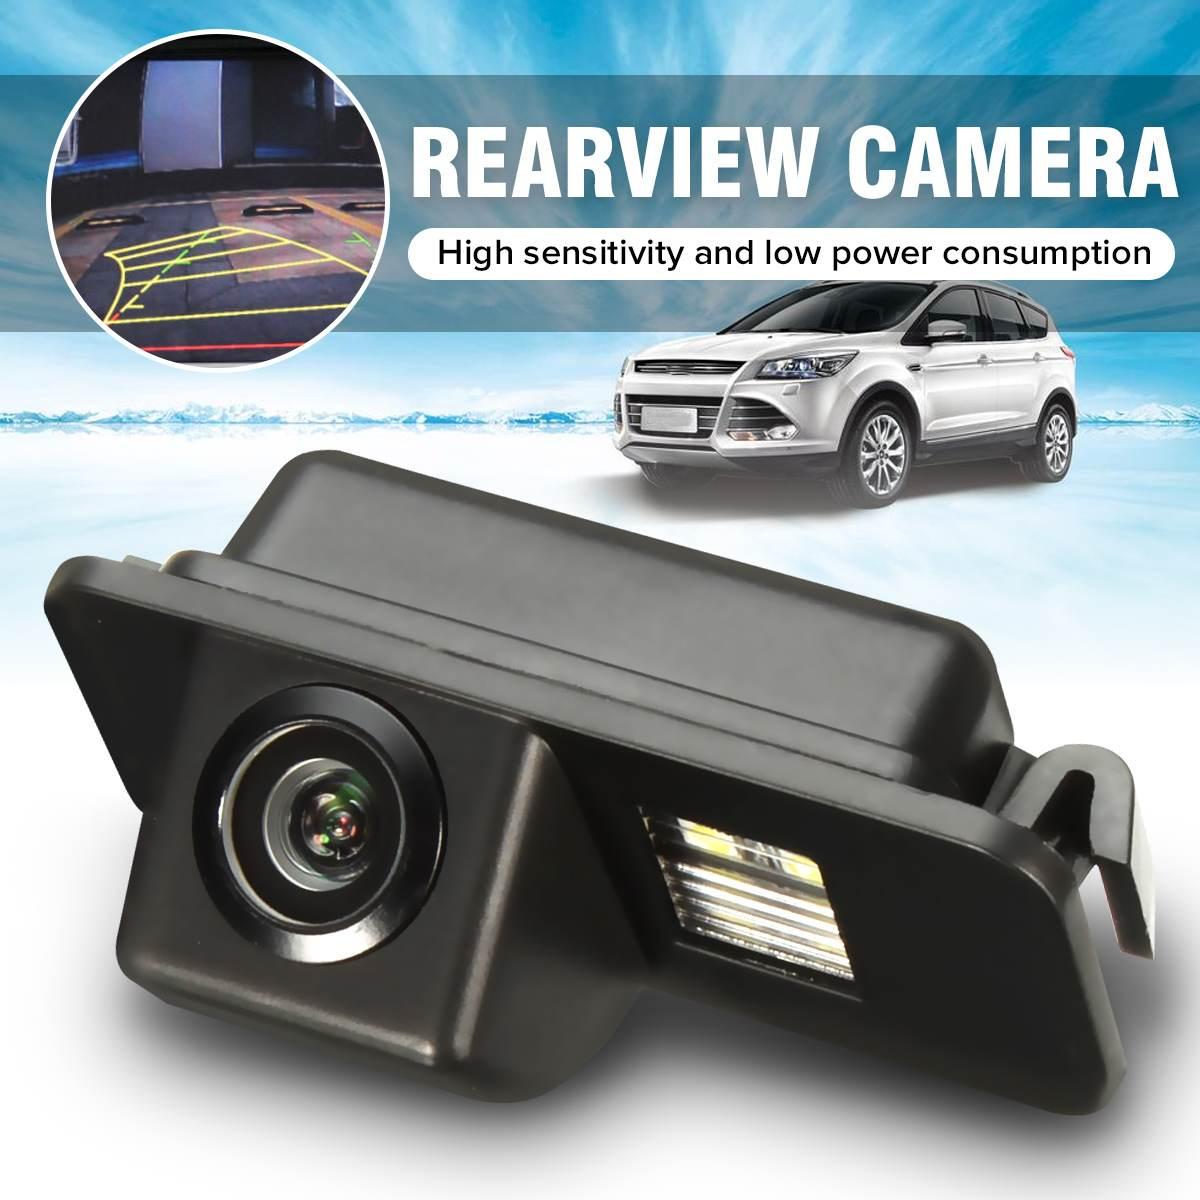 ワイヤレス CCD HD 車のリアビューカメラ駐車場のナイトビジョン防水モンデオ BA7 フォーカス C307 S- 最大フィエスタ久我